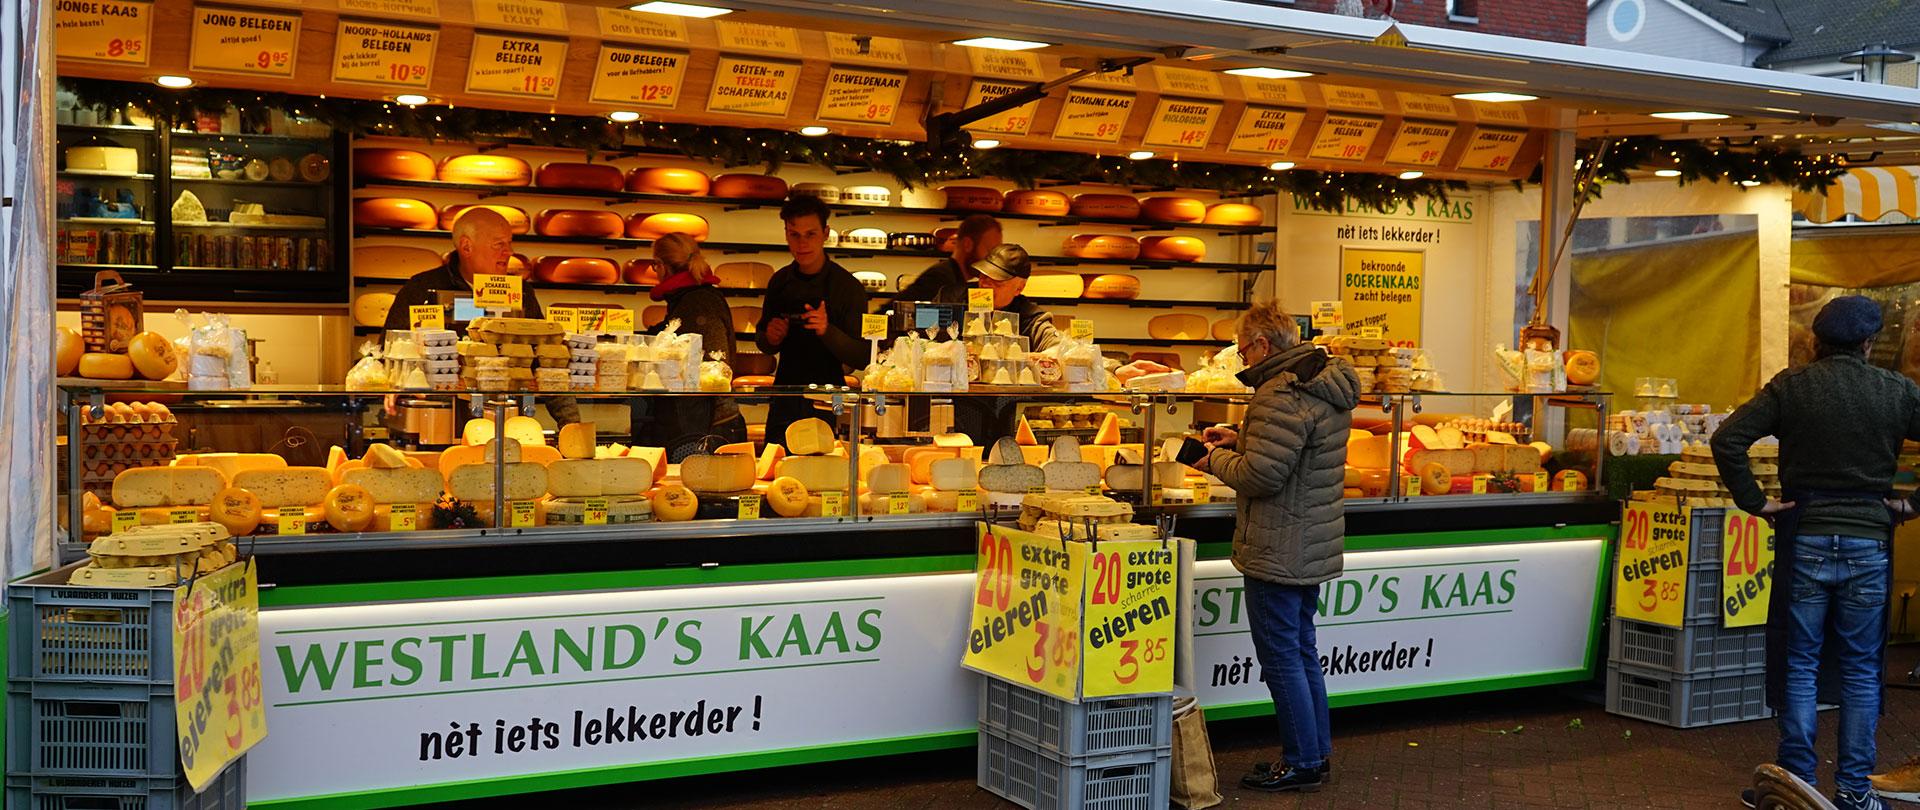 Westland's Kaas